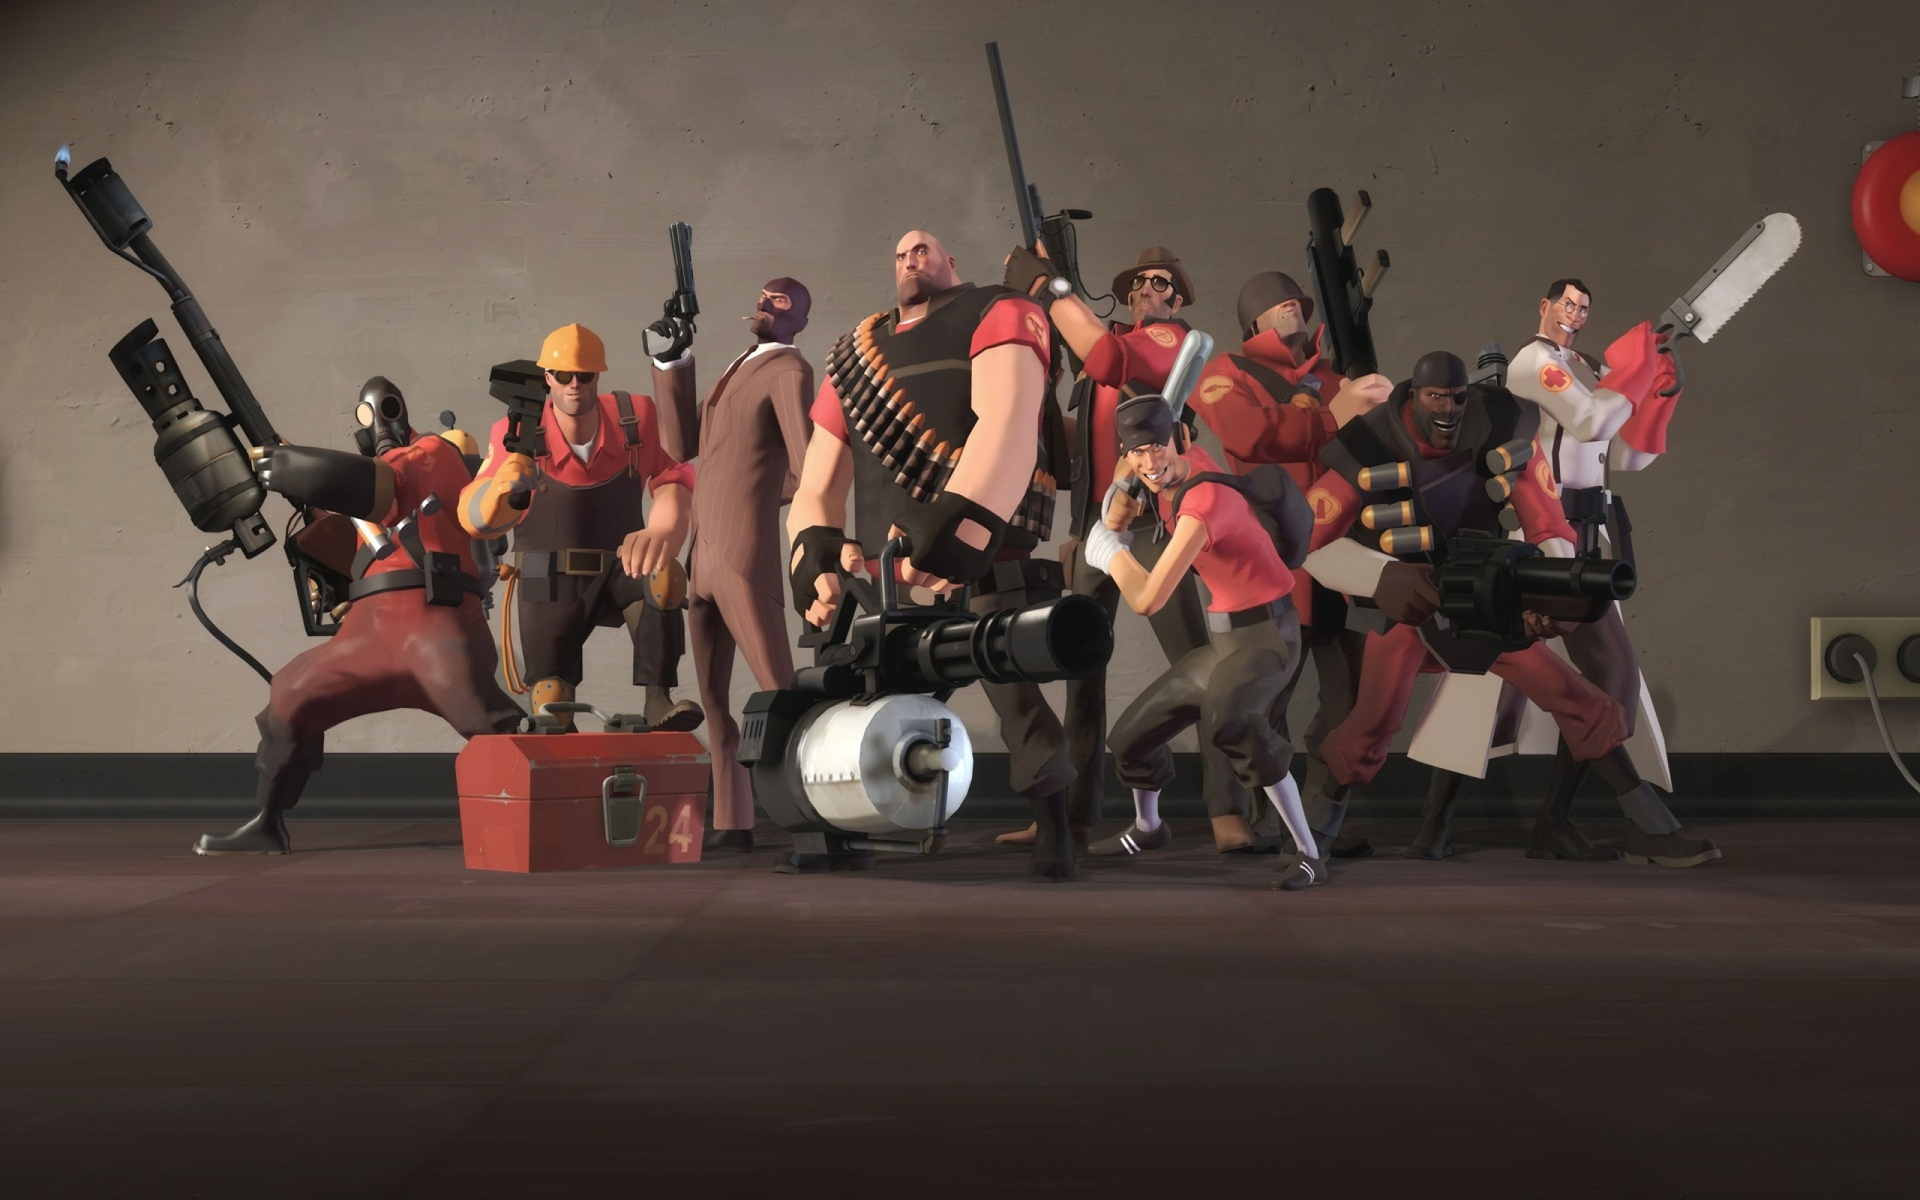 Team Fortress 2 android game - http://apkgamescrak.com